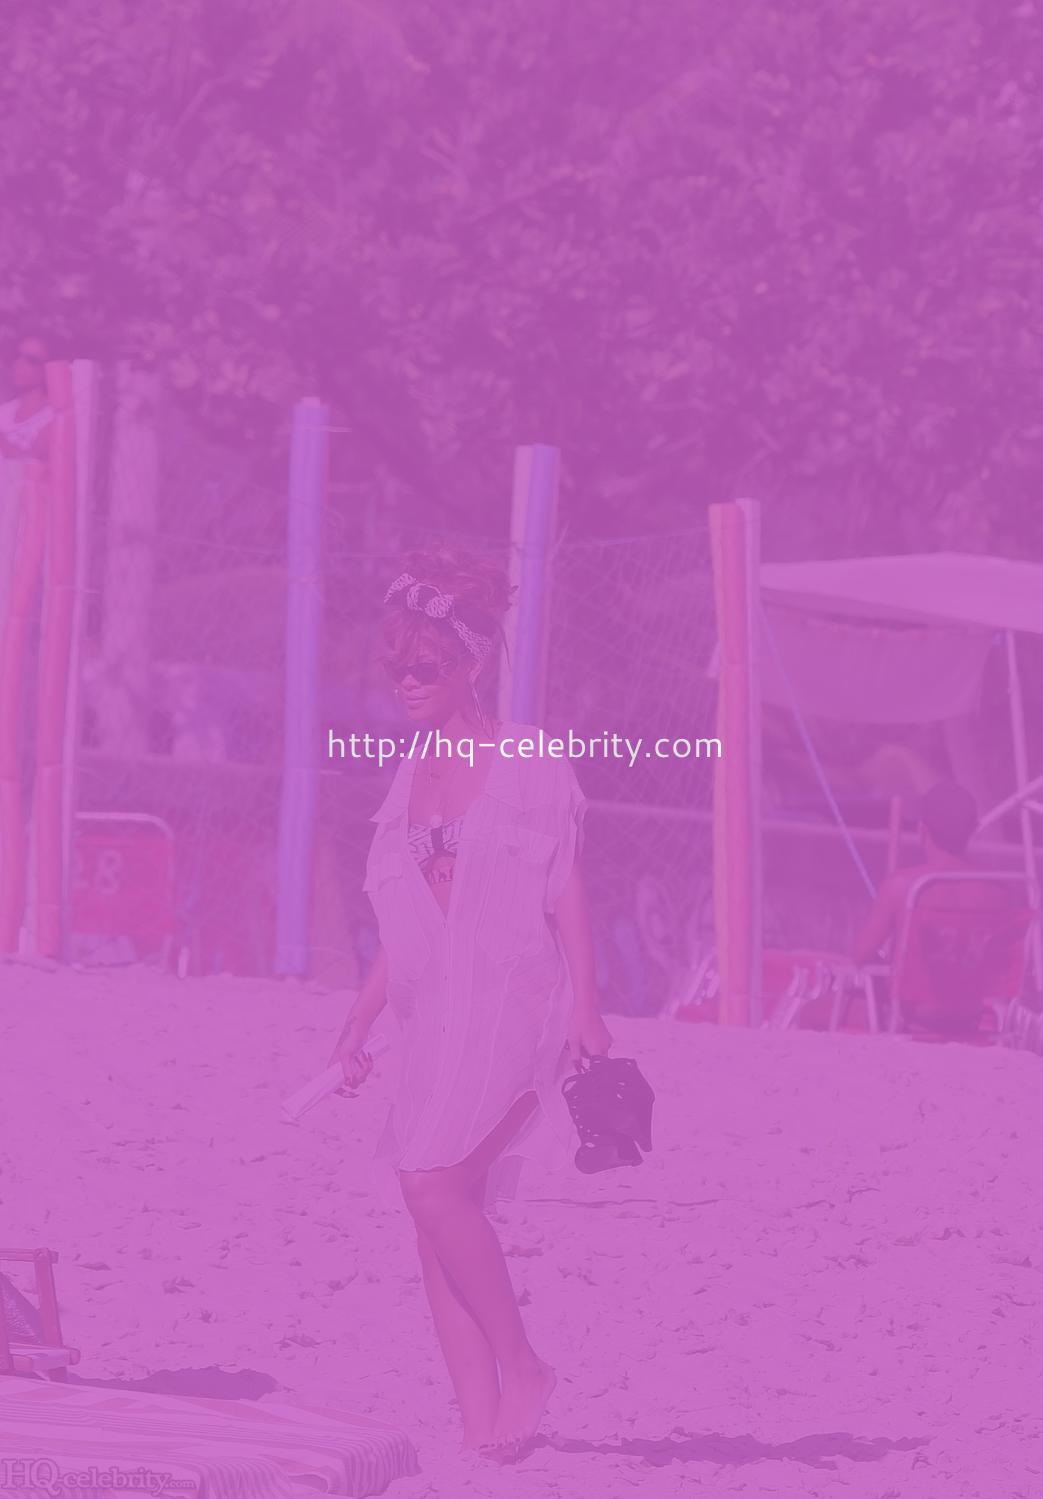 Hot bikini ass shots of Rihanna in Rio